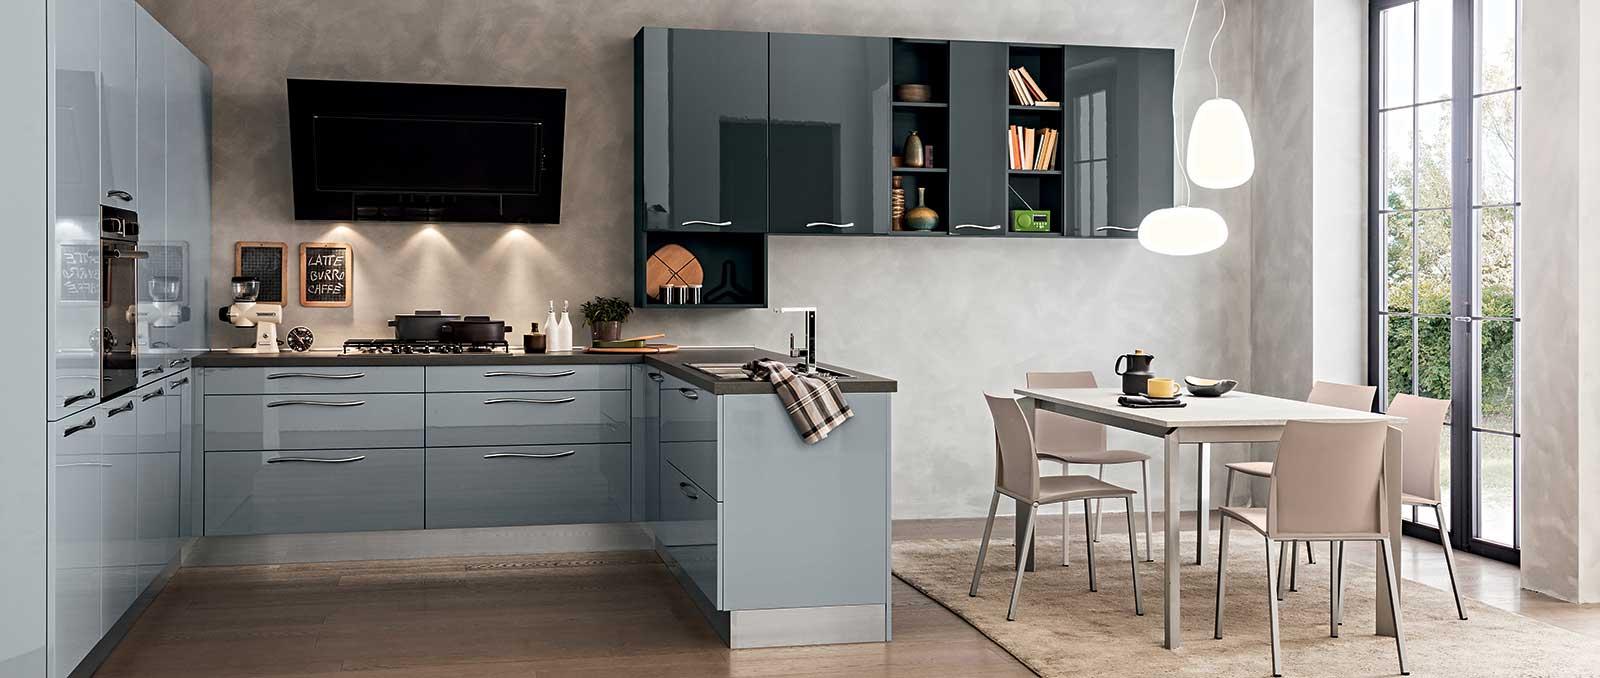 D'esprit innovant et informel, cette cuisine équipée s'intègre parfaitement dans l'espace et le temps.